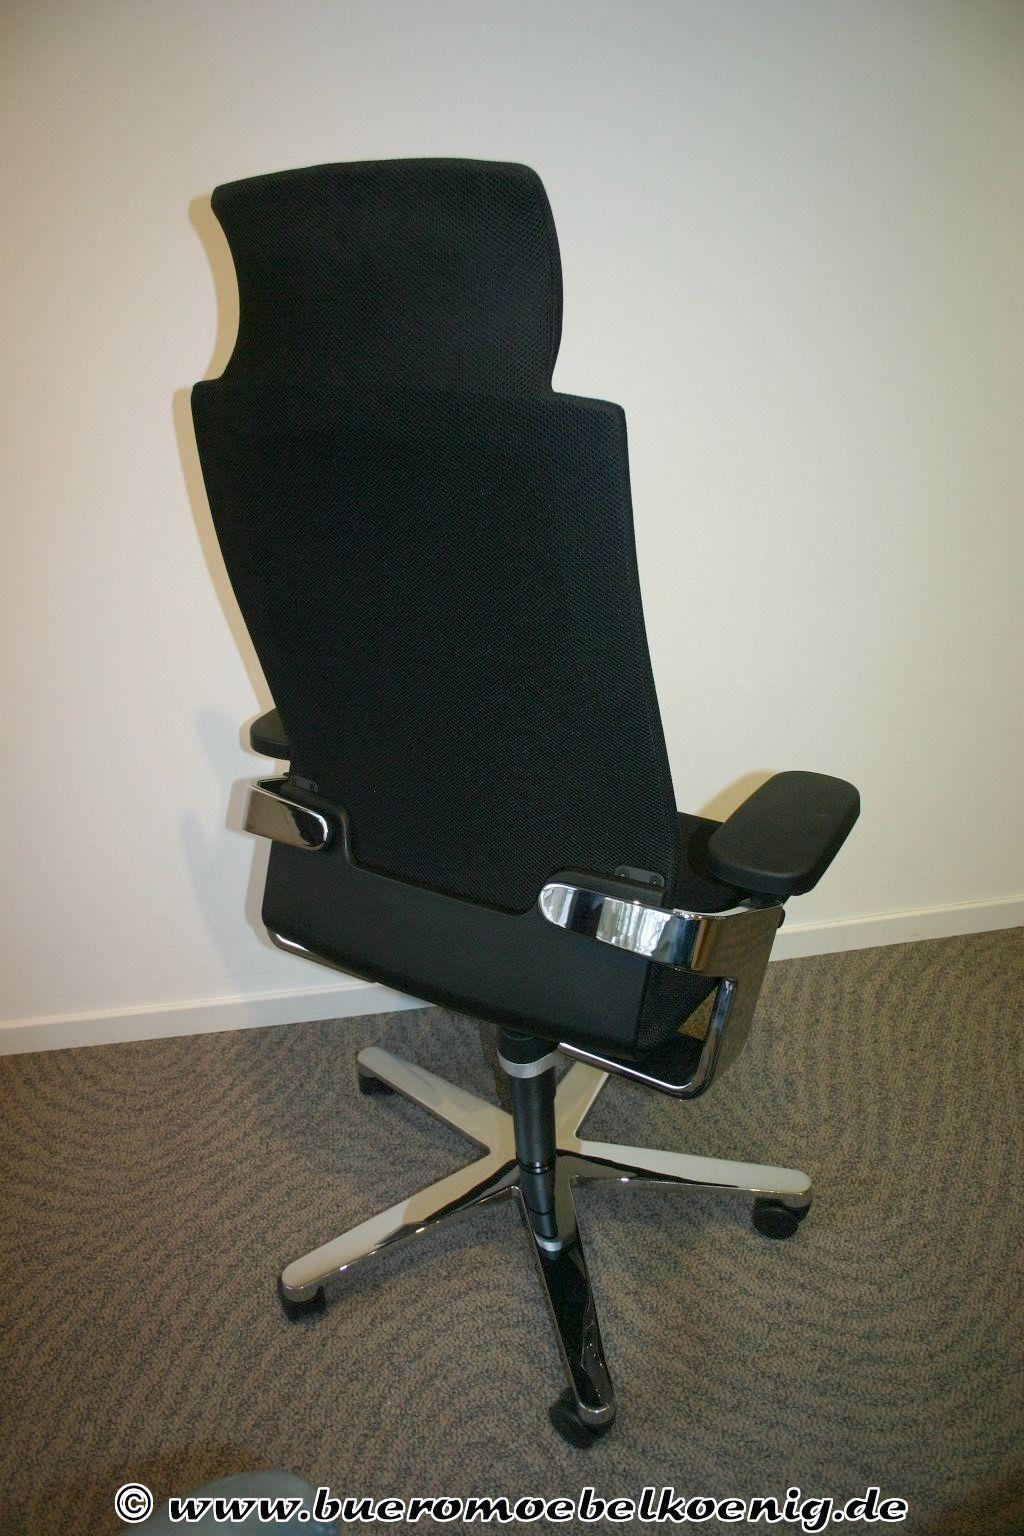 drehsessel in schwarz chrom von wilkhahn modell on 175 7. Black Bedroom Furniture Sets. Home Design Ideas